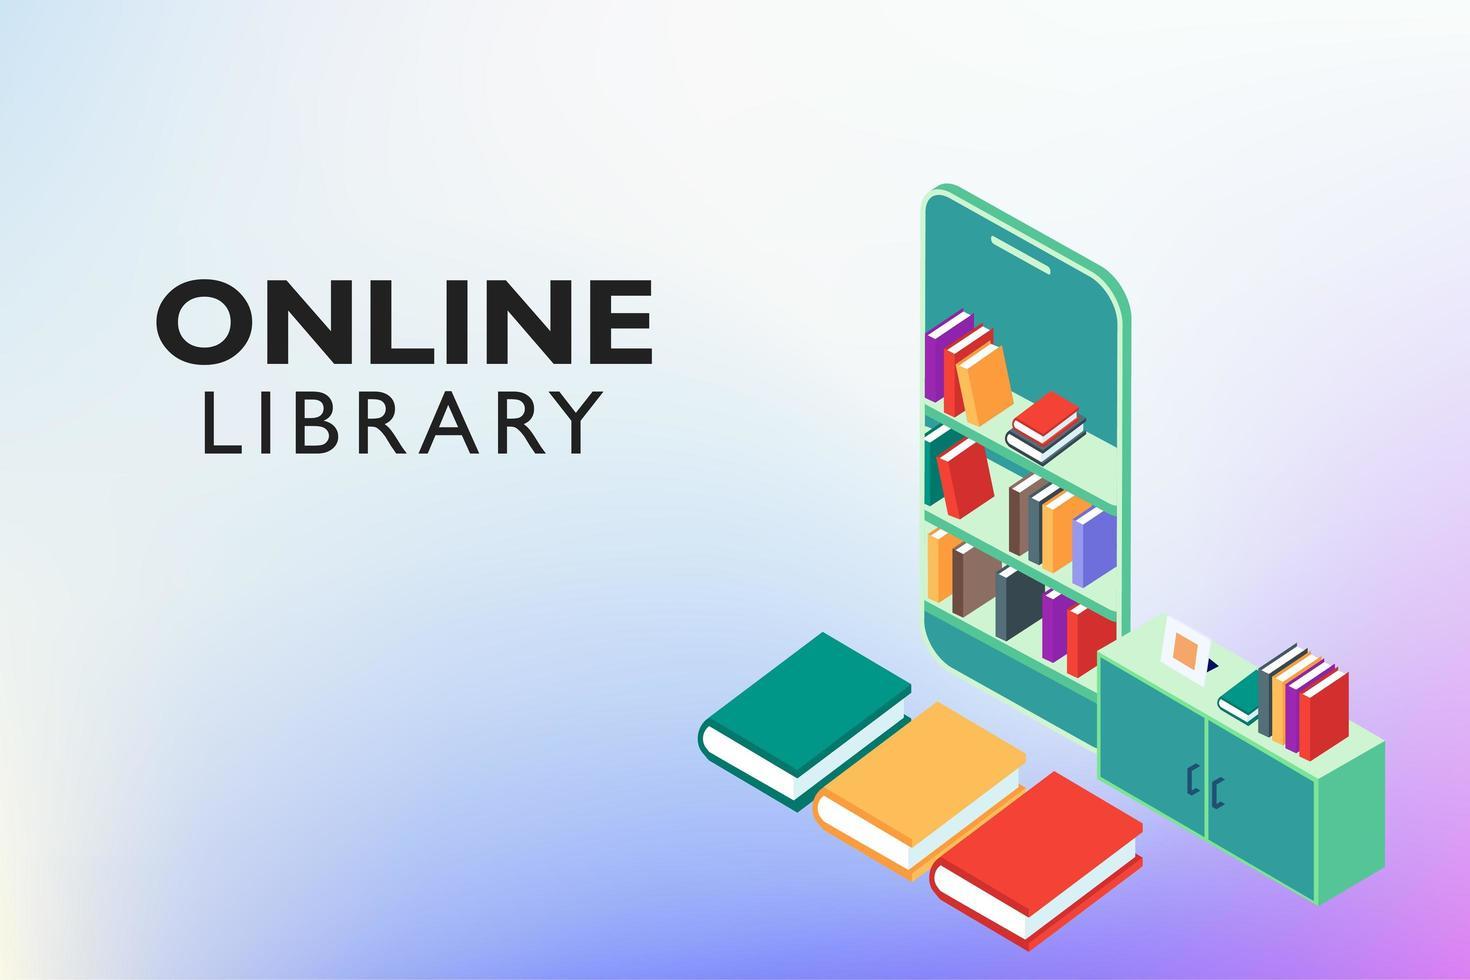 educação on-line da biblioteca digital vetor